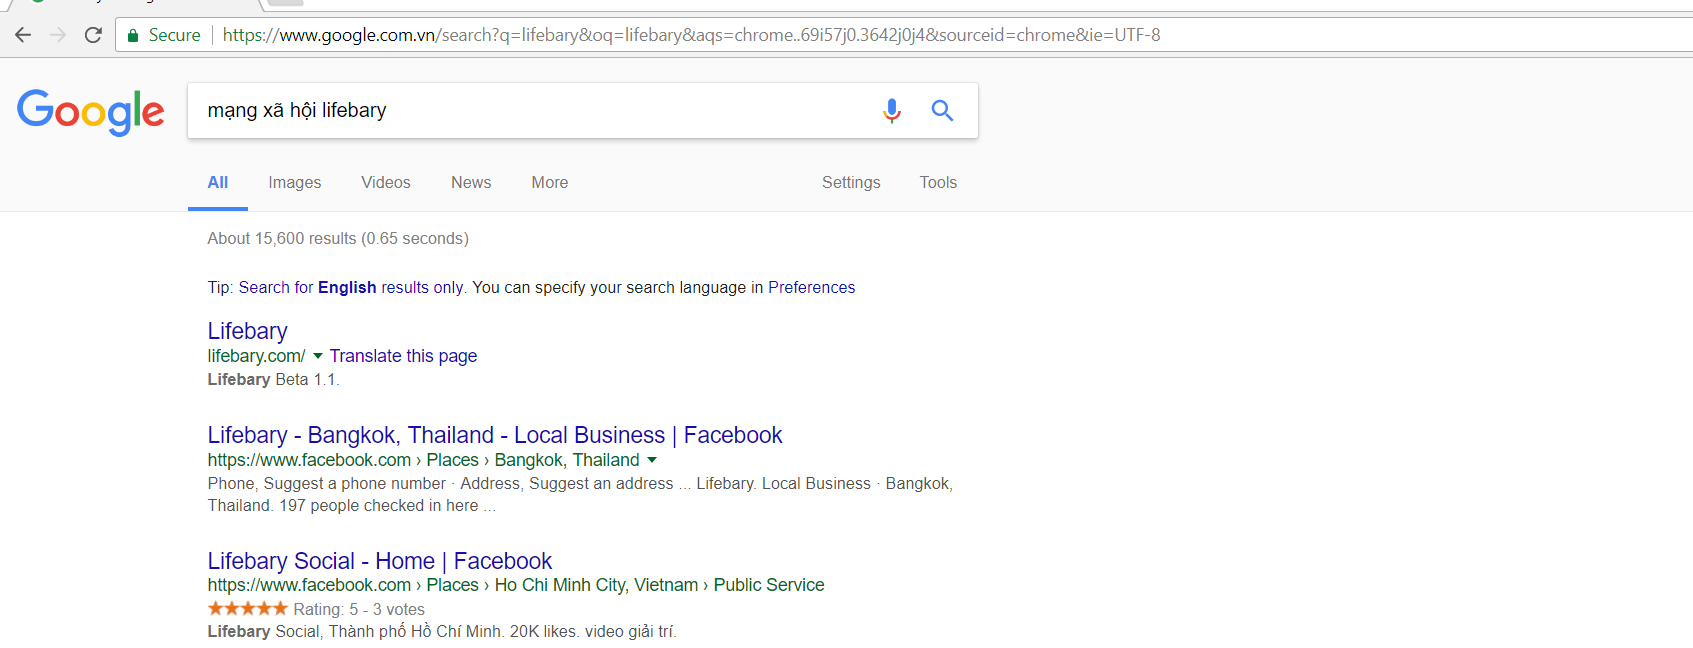 Tìm kiếm mạng xã hội lifebary